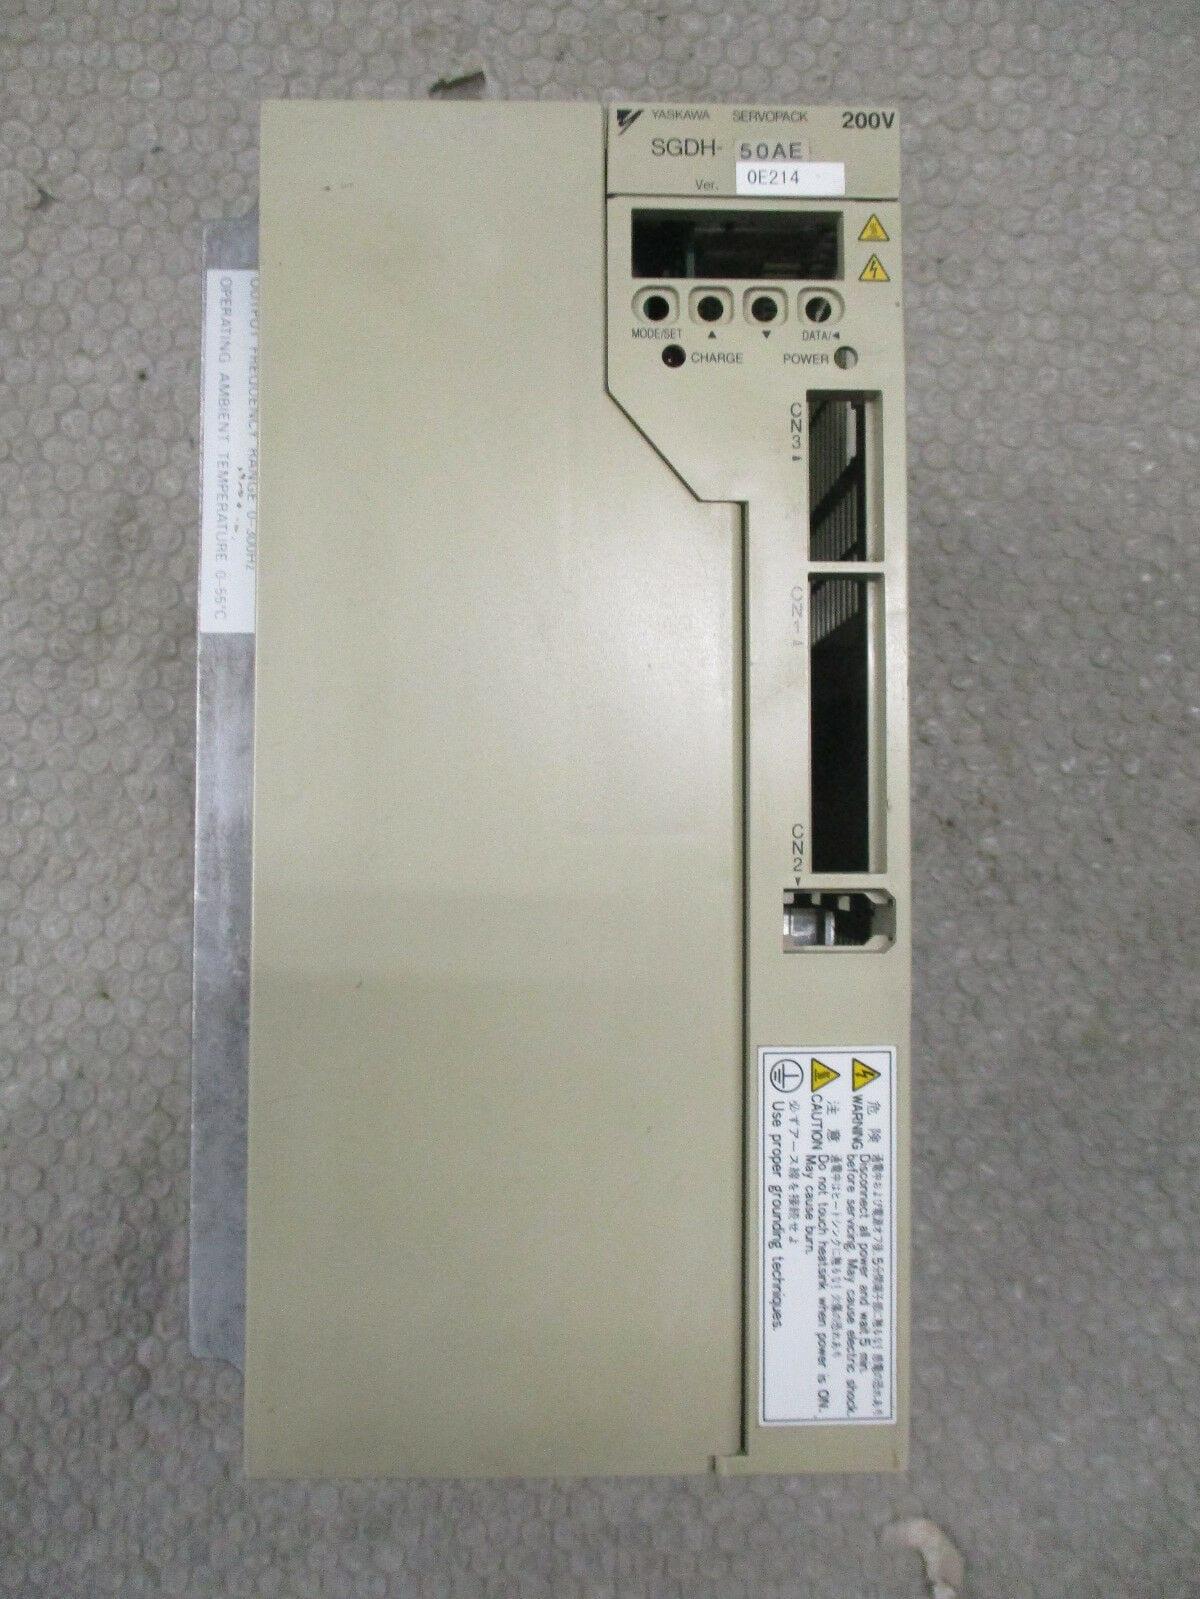 Yaskawa SGDH-50AE Servopack 200-230VAC Yaskawa Servo Drive O/N 5W1558-7-76  5kW